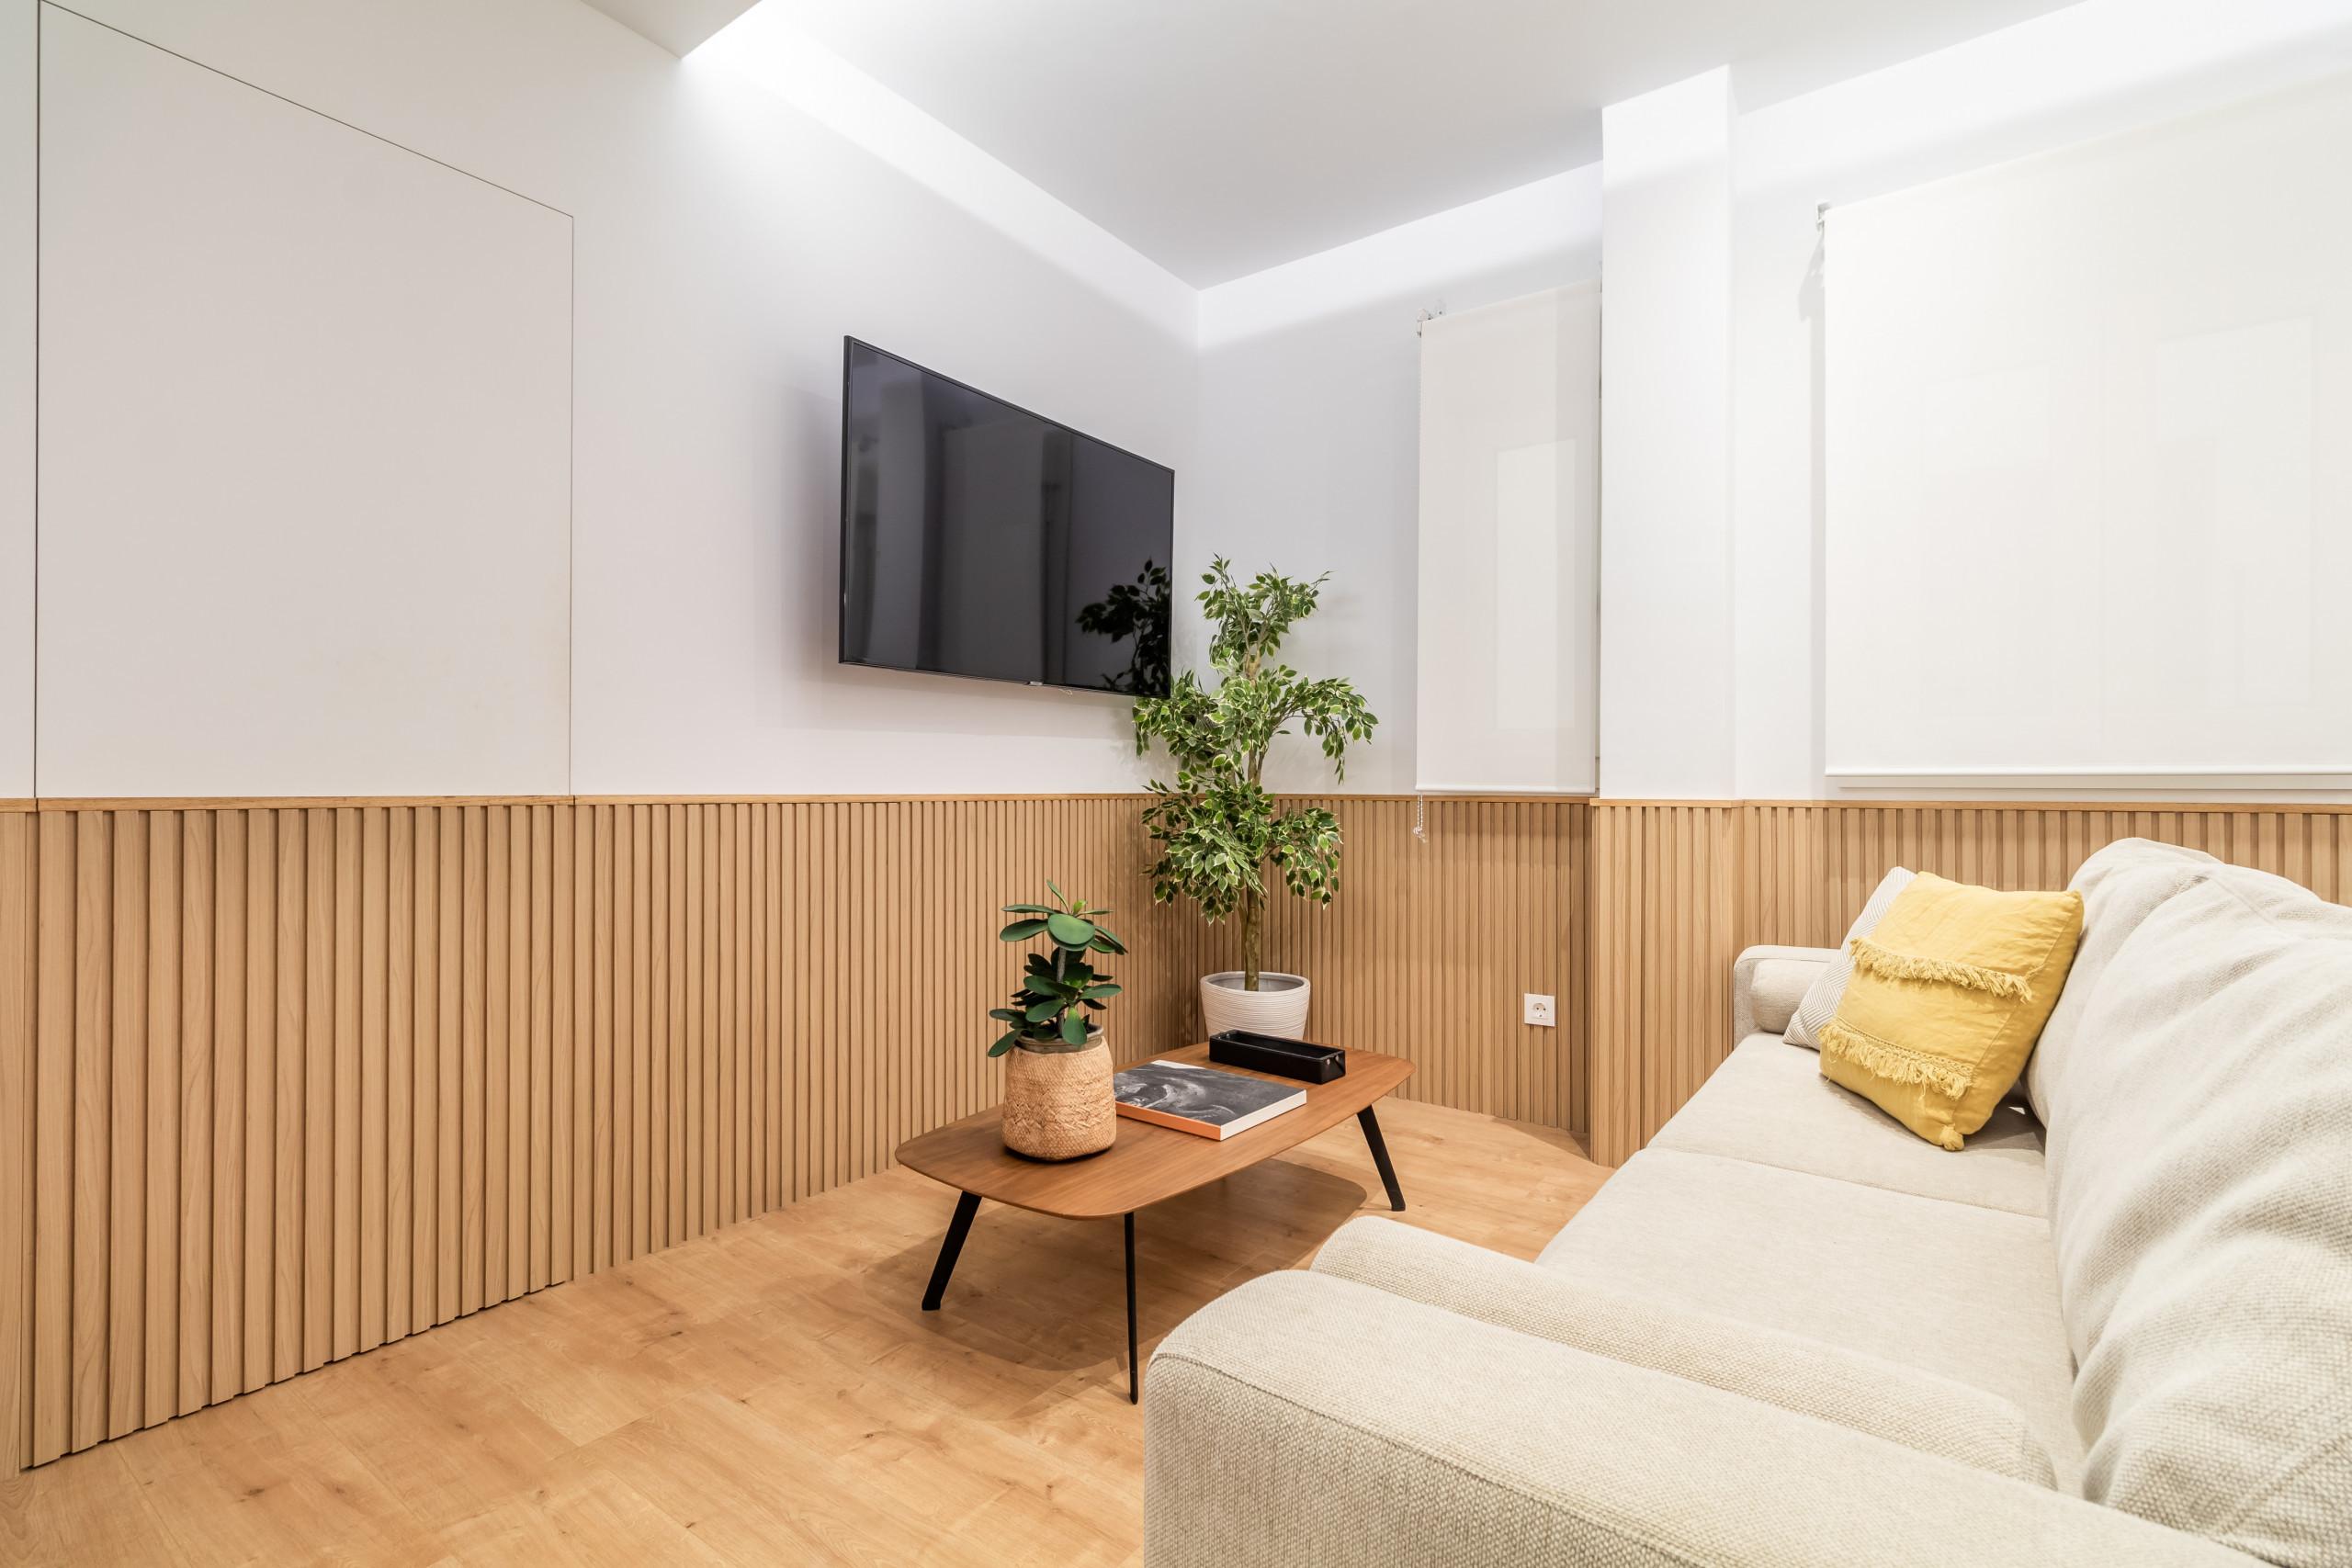 Apartamento en Madrid - Apartmento de 2 habitaciones en Barrio de Salamanca. Totalmente equipado, con A/C e internet!